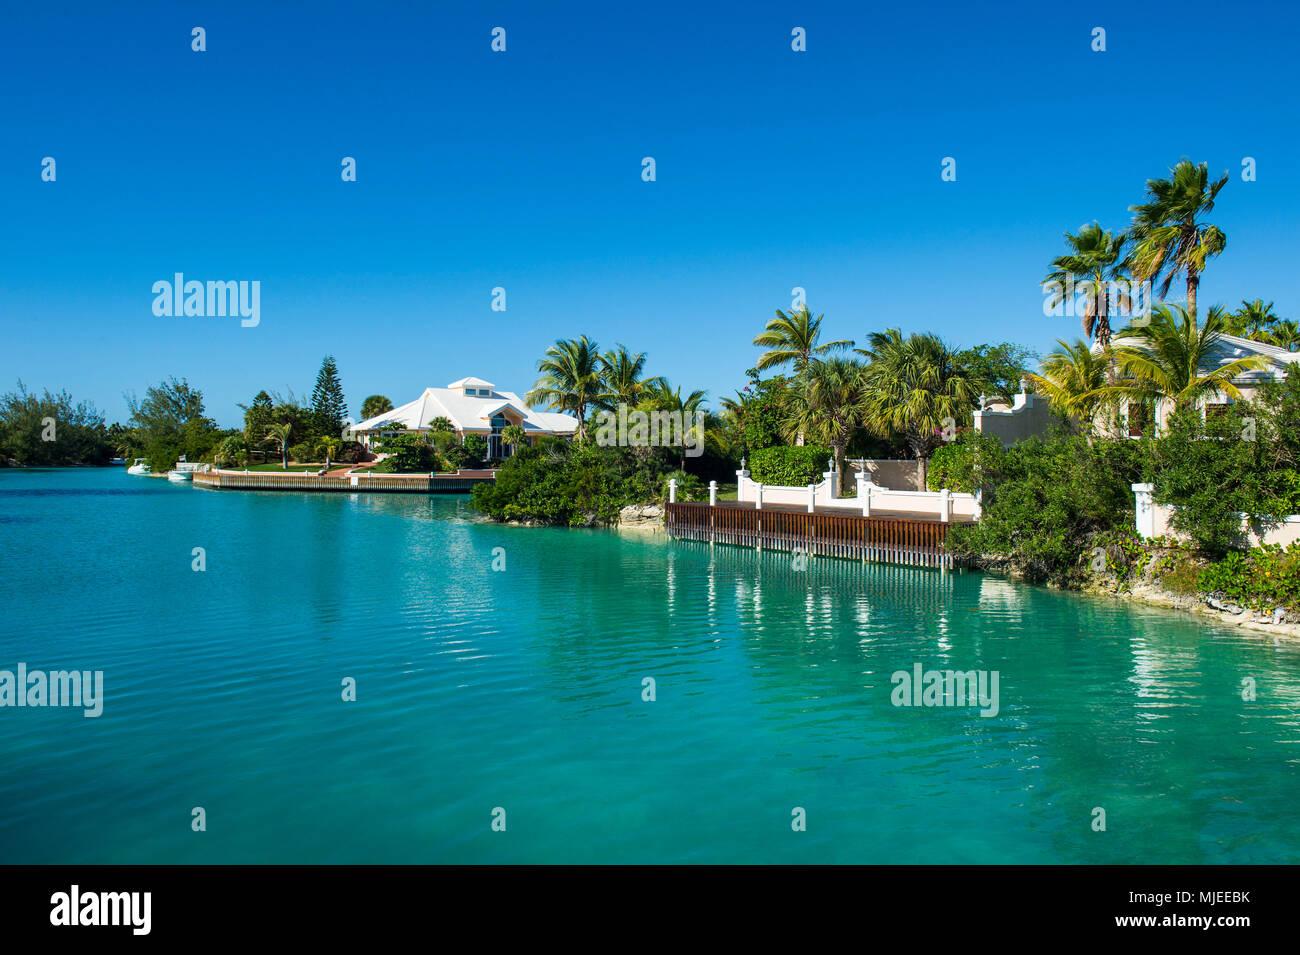 Foto Di Ville Lussuose ville lussuose immagini & ville lussuose fotos stock - alamy